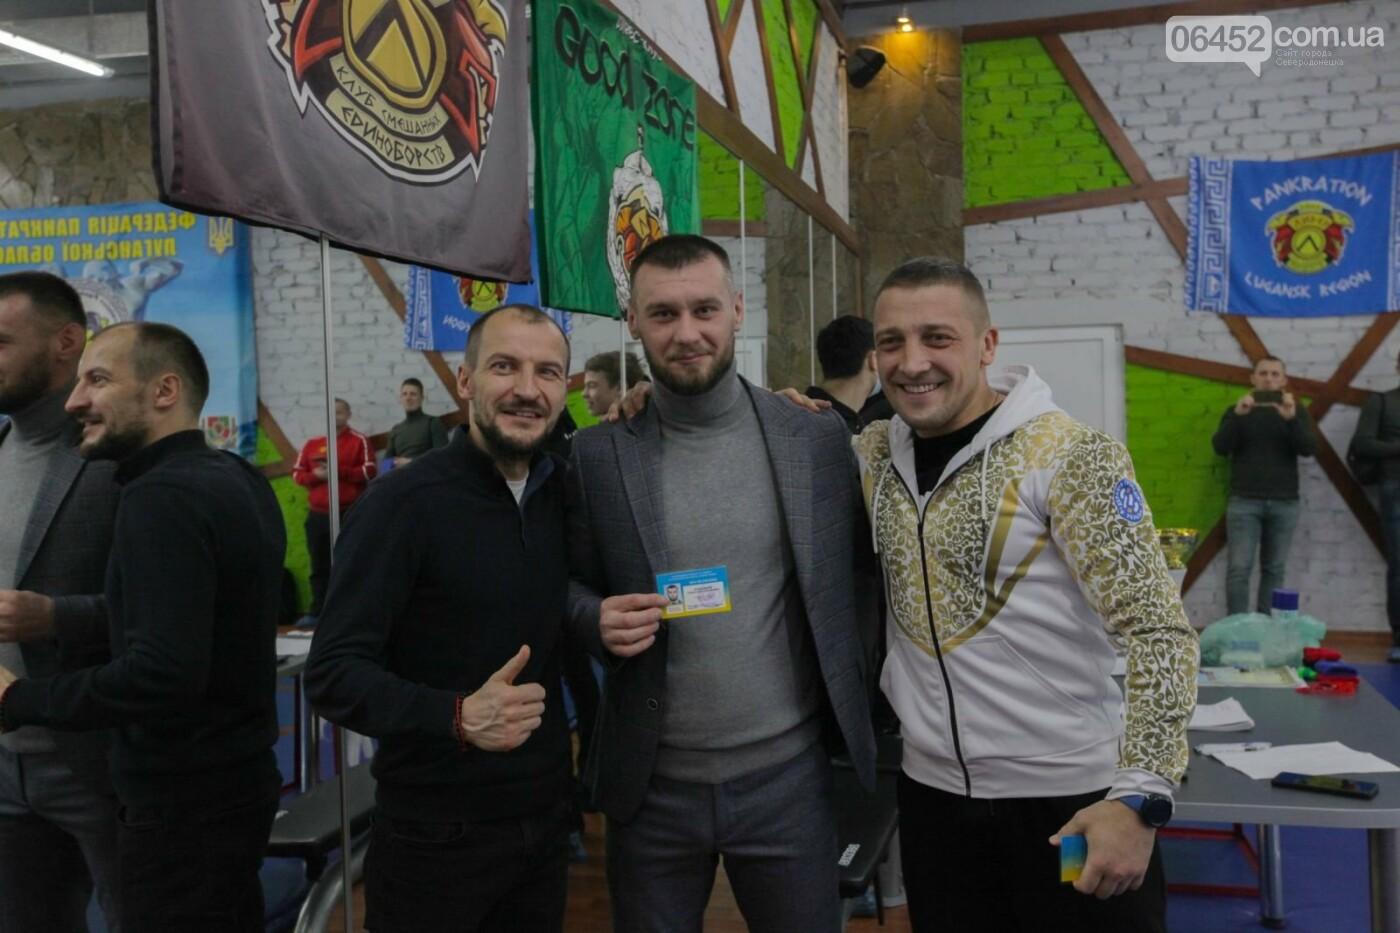 В Северодонецке прошел новогодний турнир по панкратиону , фото-7